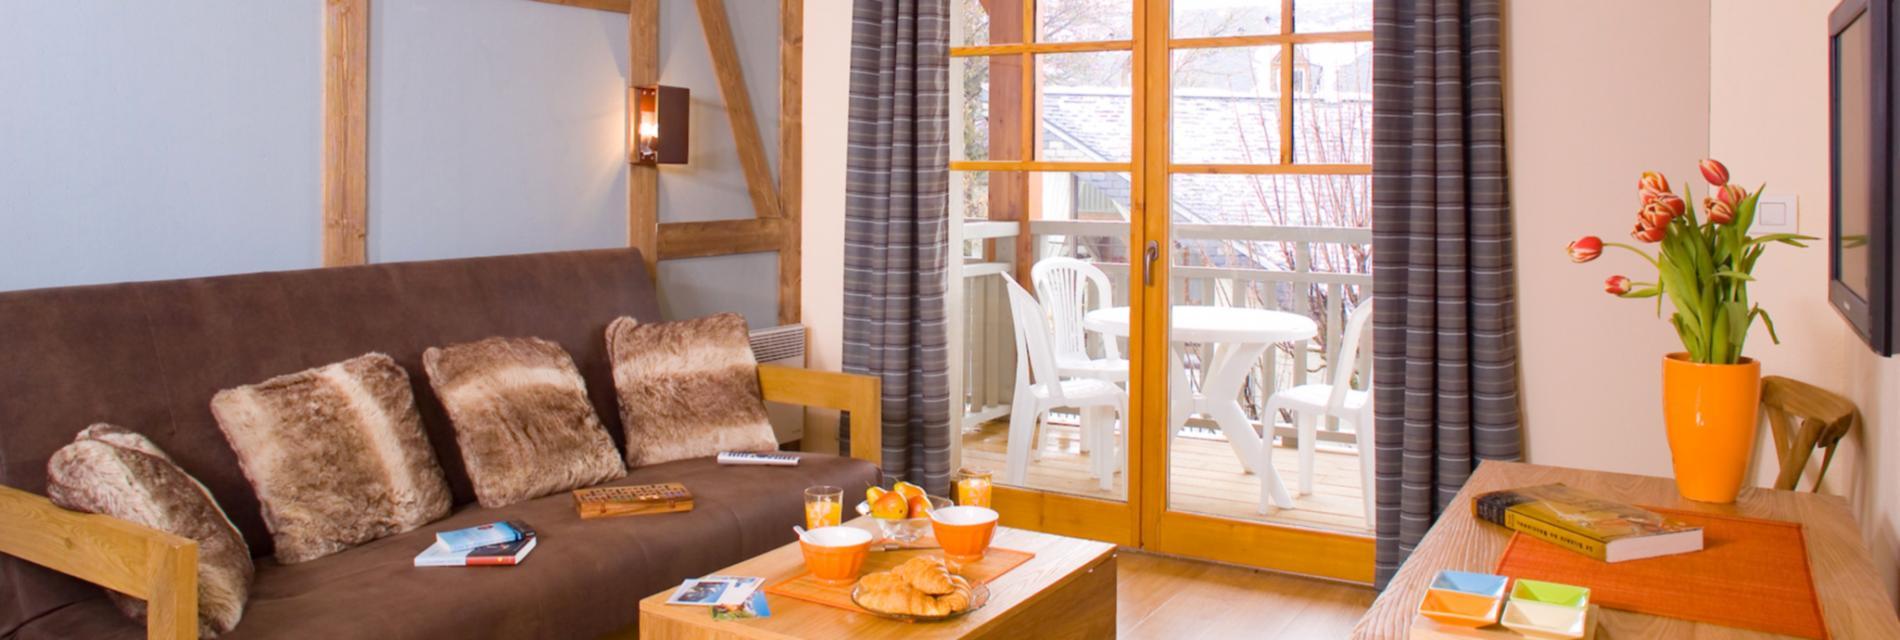 Slide Salon appartement Résidence Cami Réal - Saint-Lary Soulan